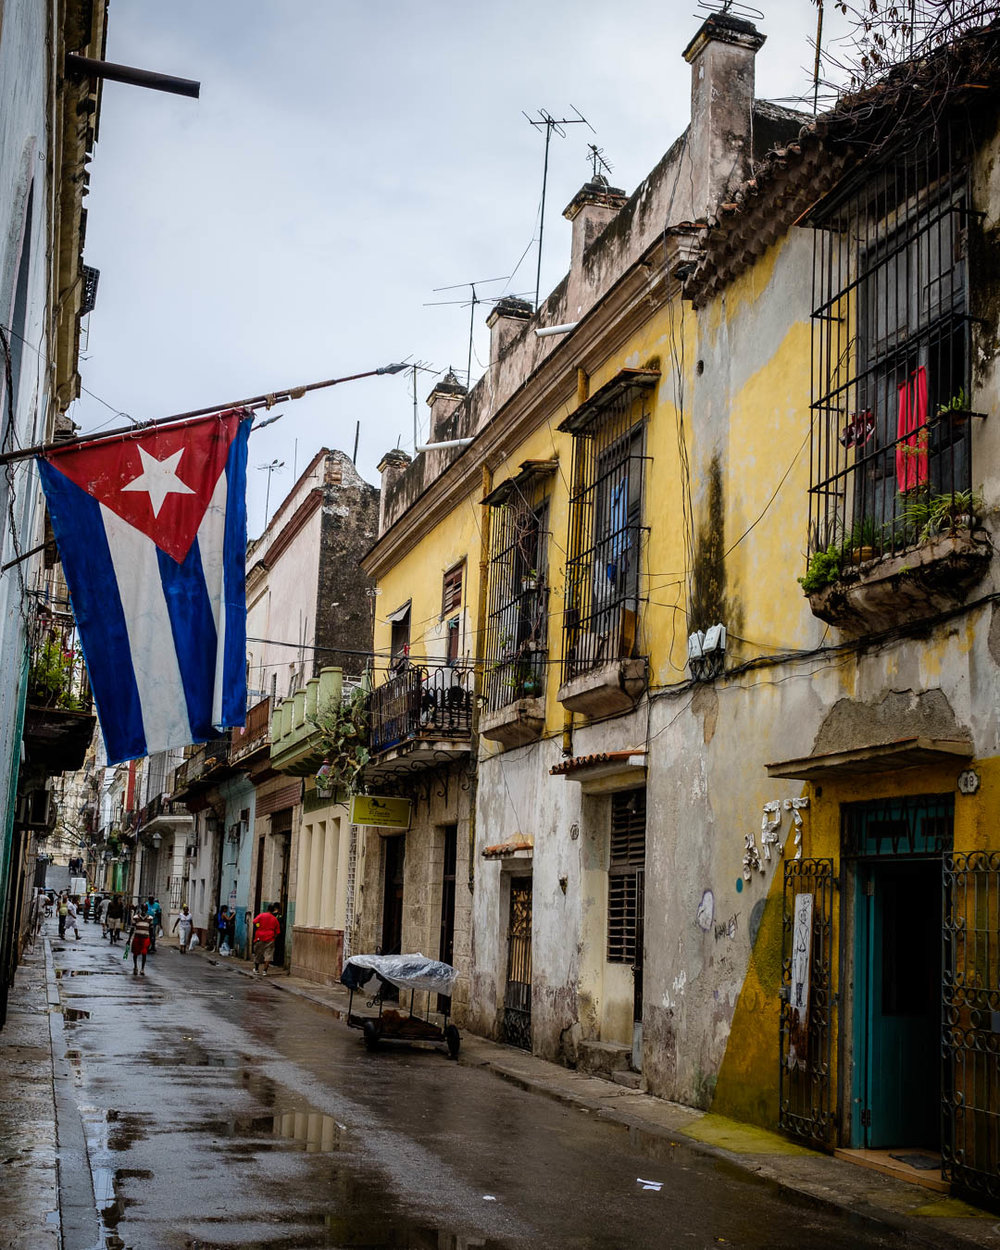 180426-Havana-187-1080.jpg